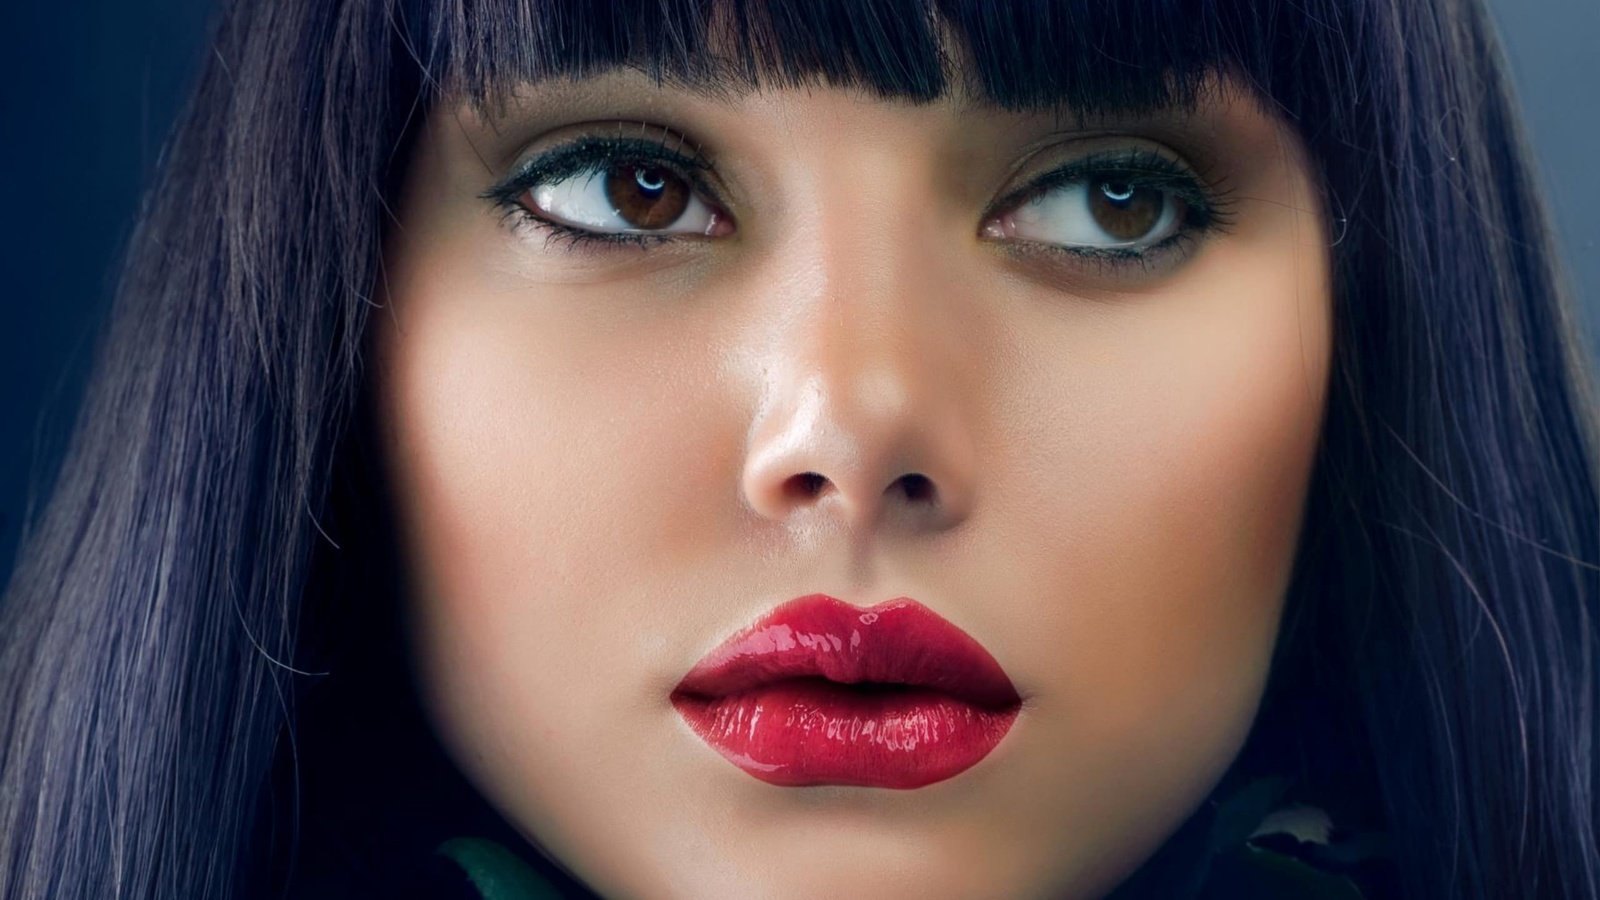 Смотреть фото самых больших губ, Фотографии Девушки с большими размерами половых 26 фотография